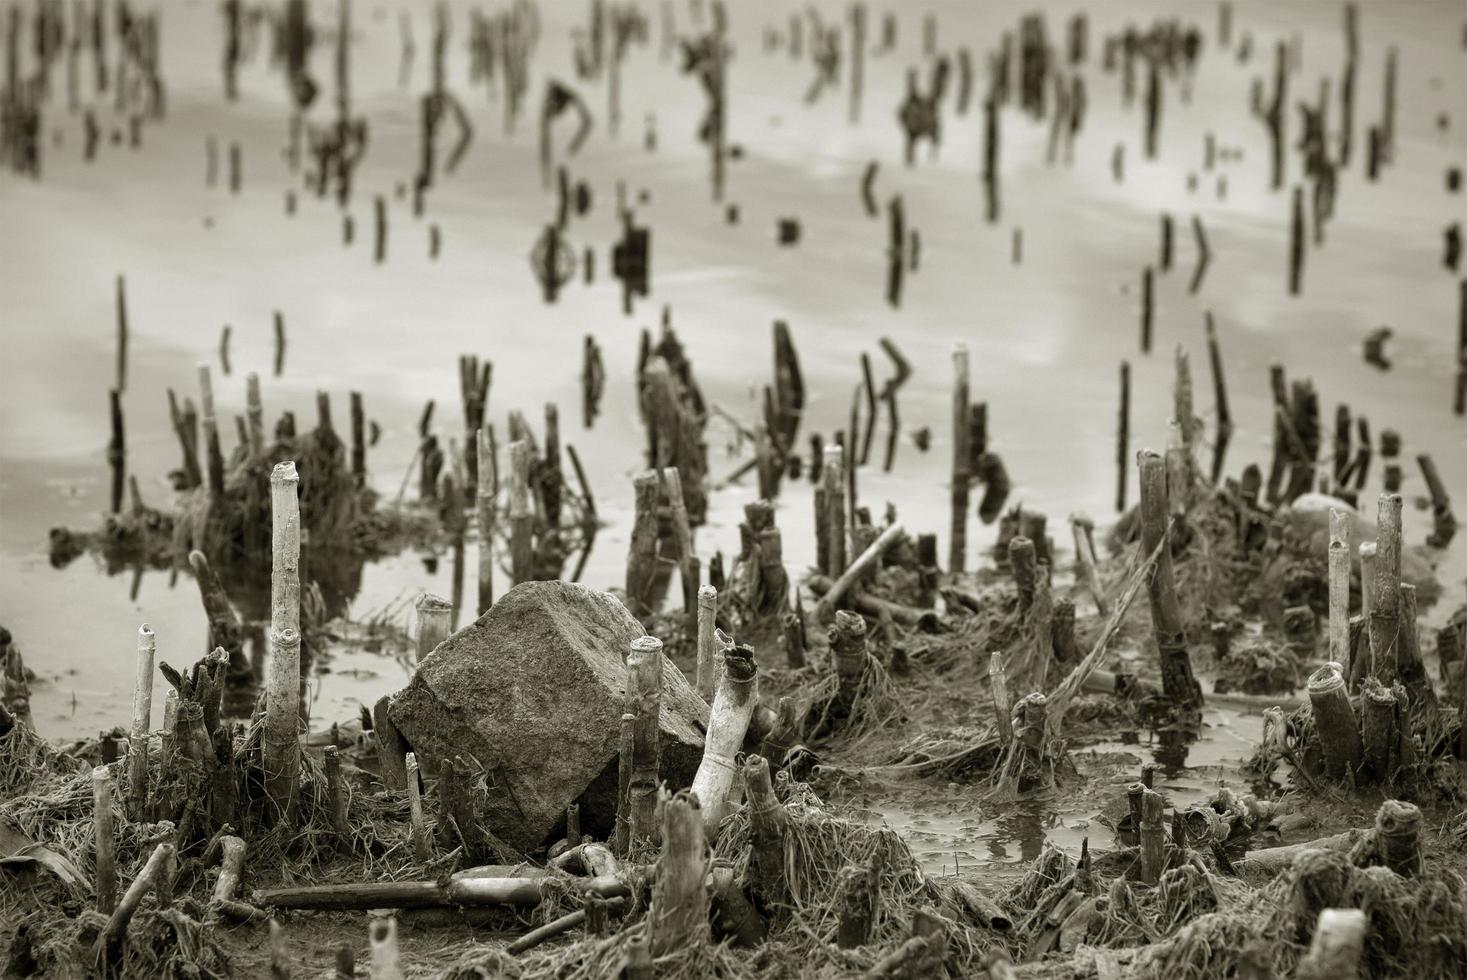 steli secchi in riva al lago foto